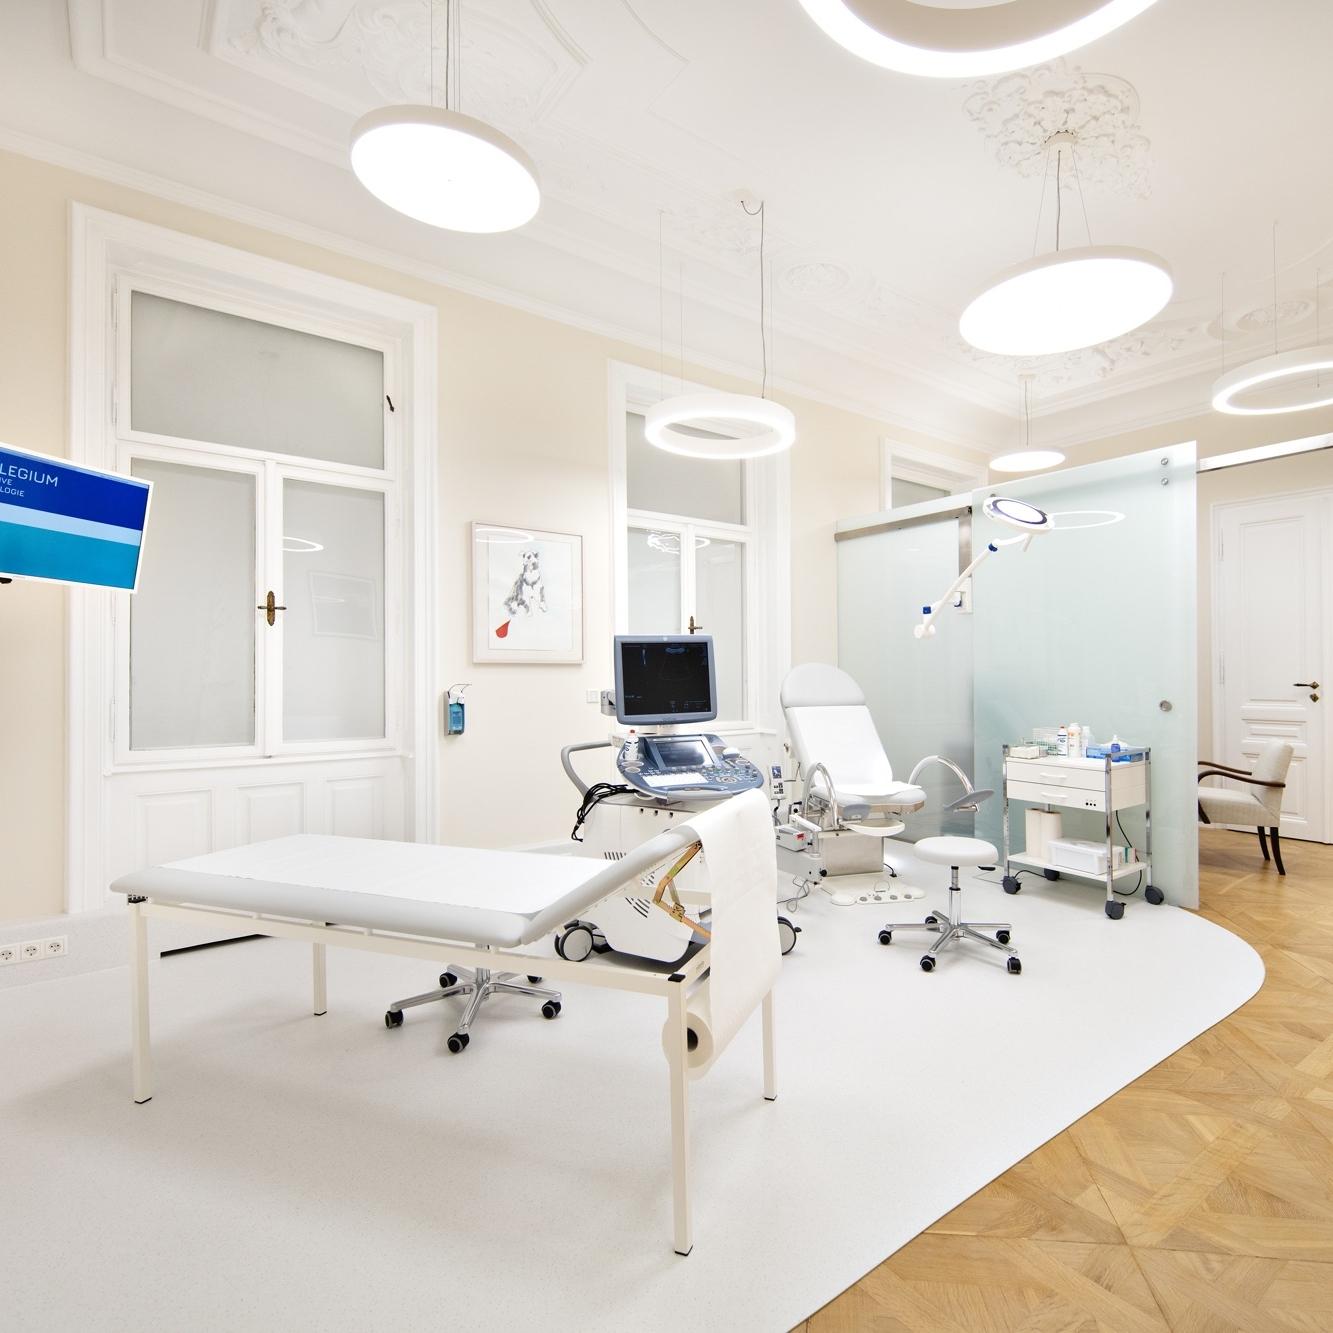 """ORDINATION - Die Ordination liegt mitten in Wiens """"Medizinischem Viertel"""" im 9. Bezirk. Es erwartet Sie ein fürsorgliches Team, freundliche Atmosphäre und modernste Ausstattung."""